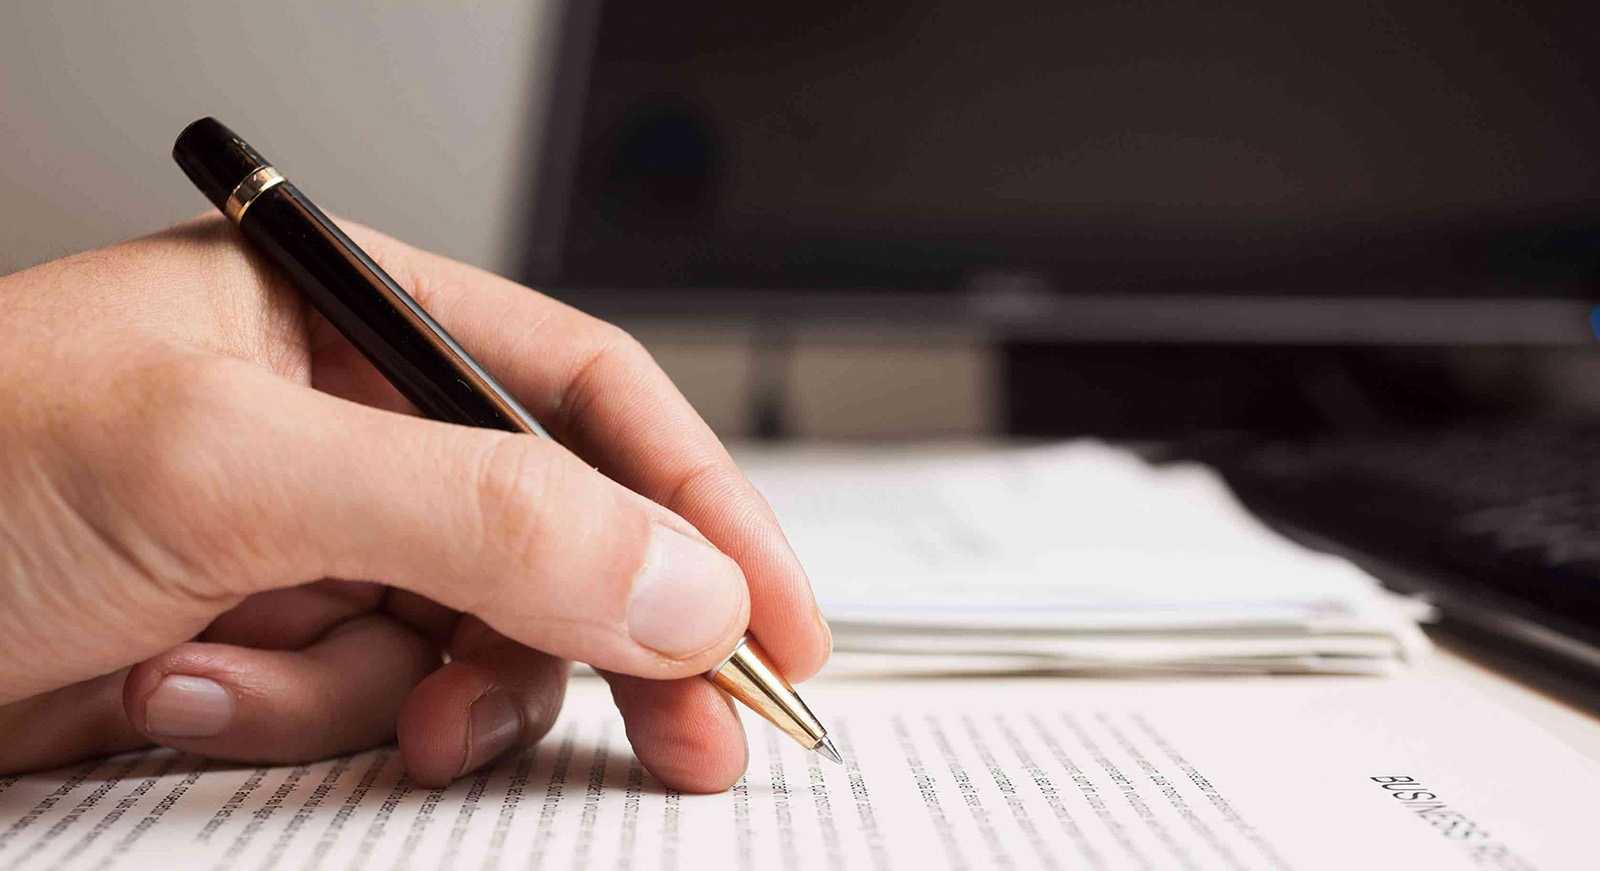 رازهایی که دست خط شما در باره شخصیت شما فاش میکند!